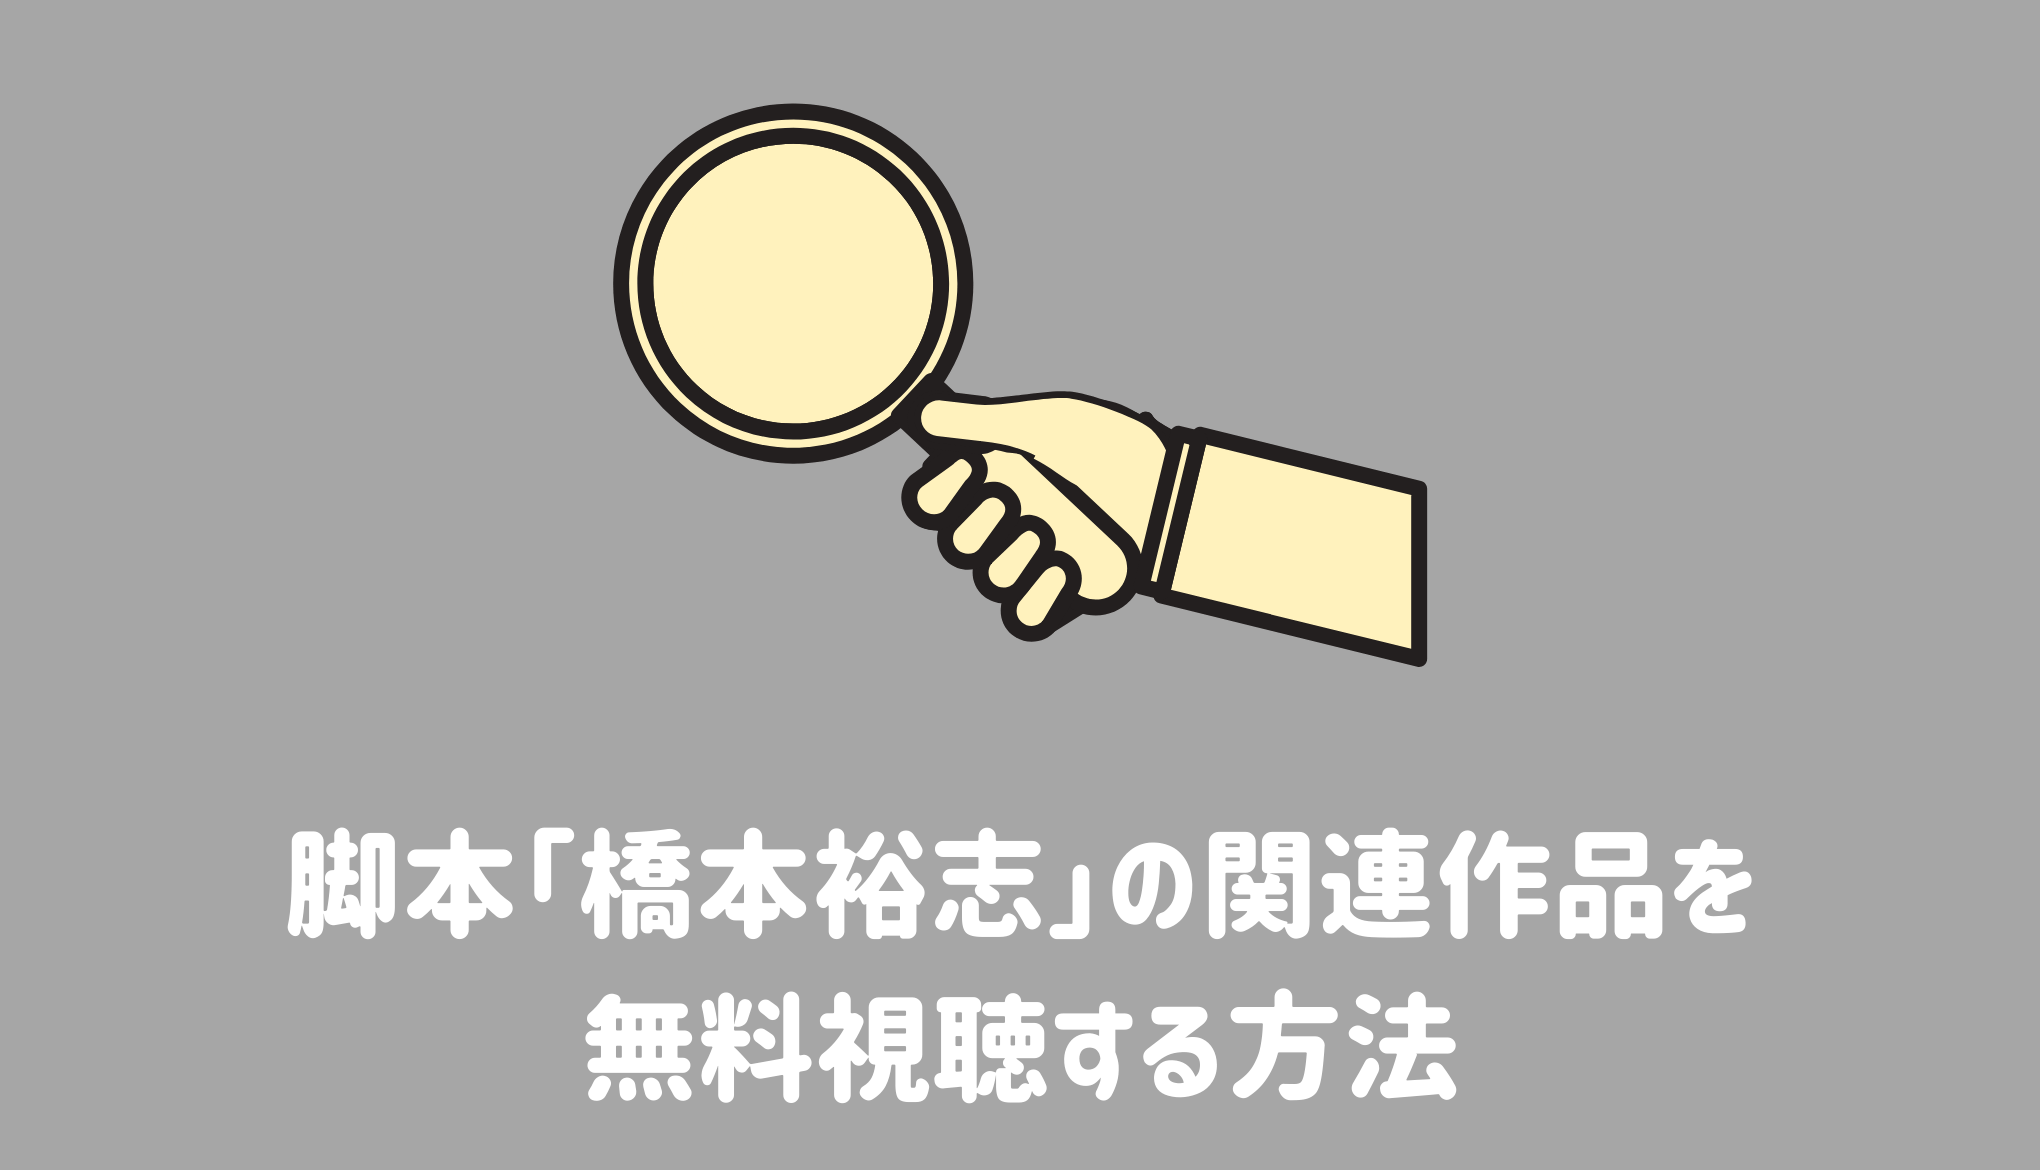 橋本裕志脚本の関連作品を無料視聴する方法